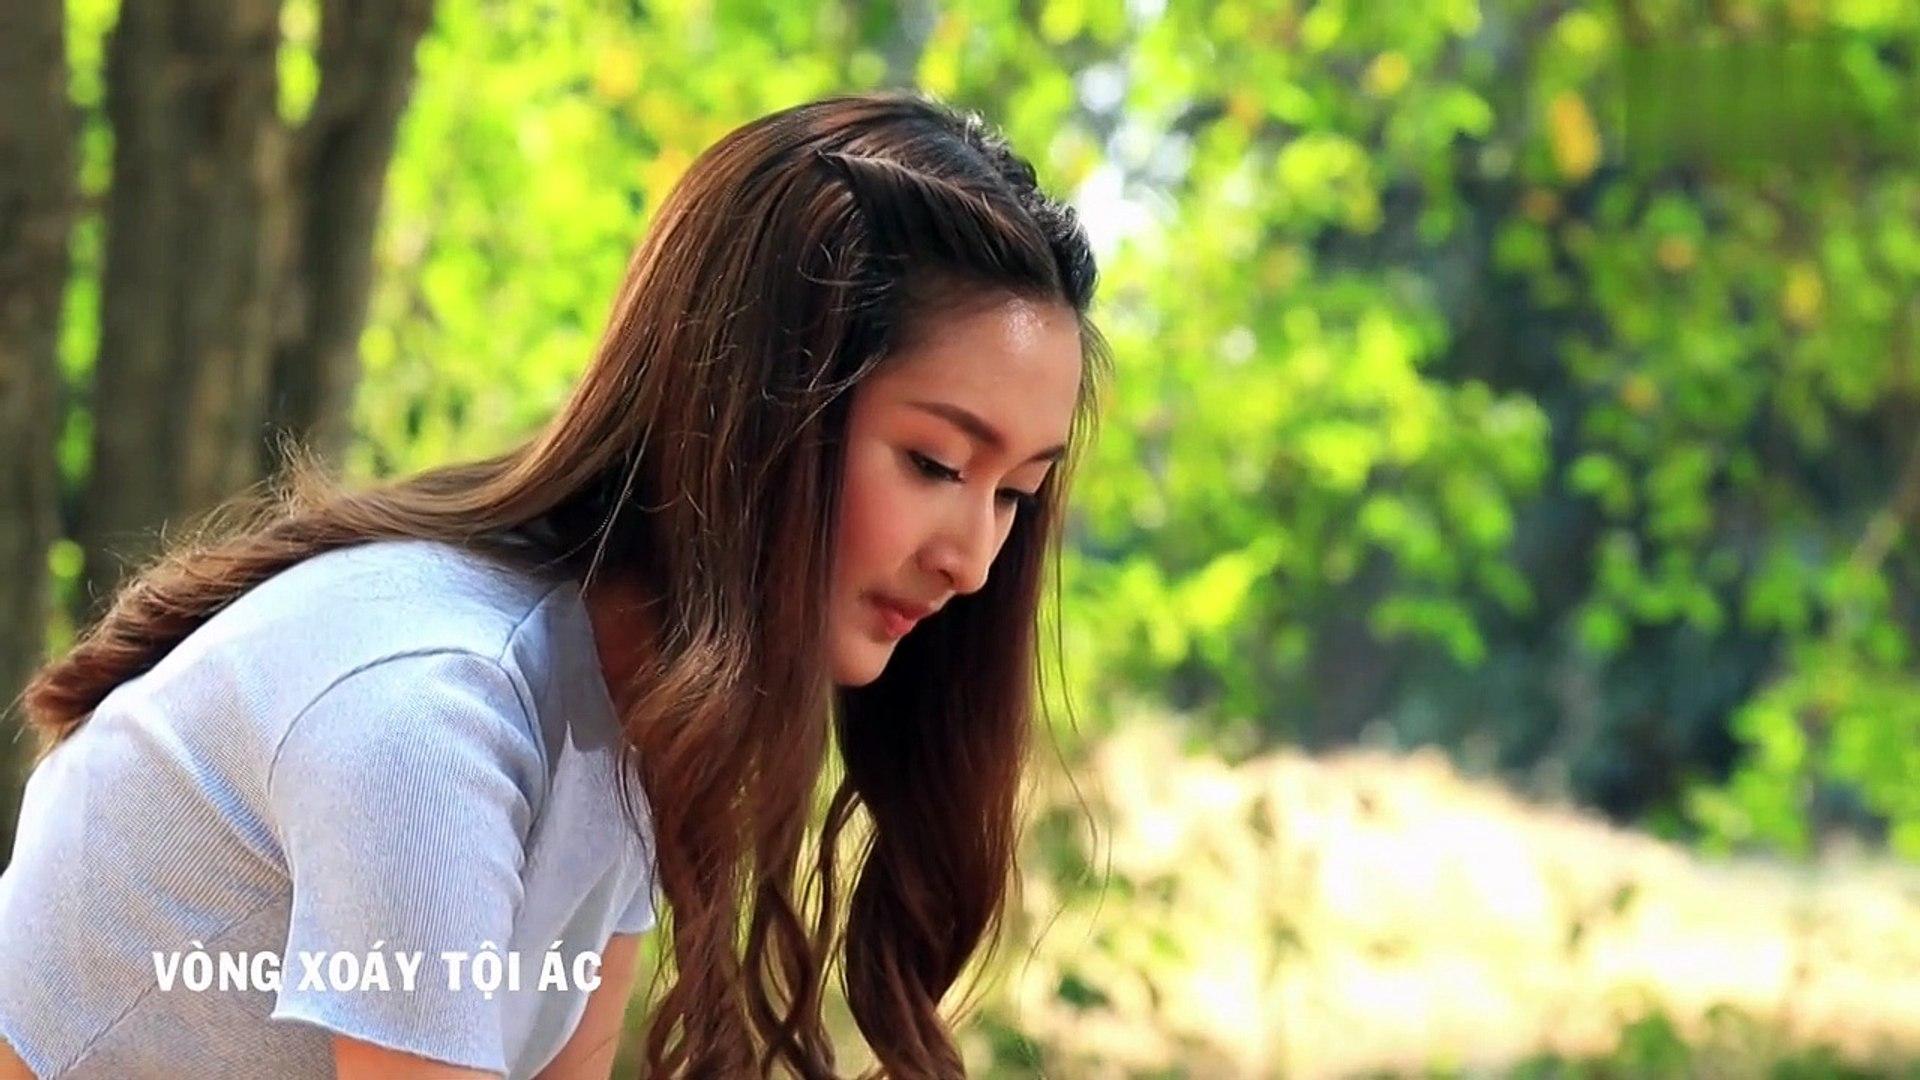 Vòng Xoáy Tội Ác Tập 21 - Phim Thái Lan Lồng Tiếng